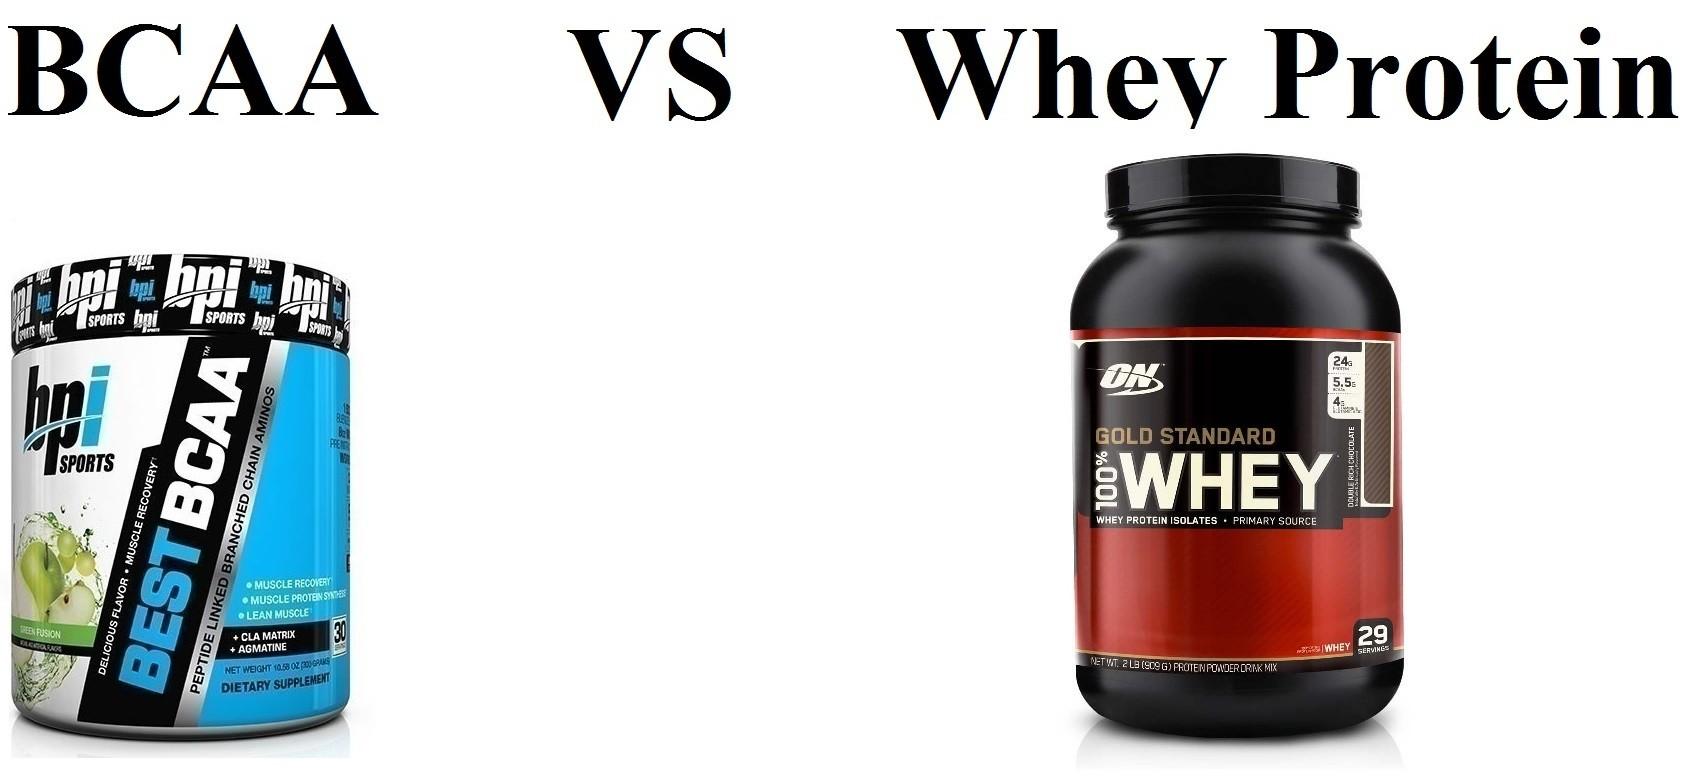 عکس آیا حین تمرین مصرف پروتئین وی بهتر است یا آمینو اسیدهای شاخه دار